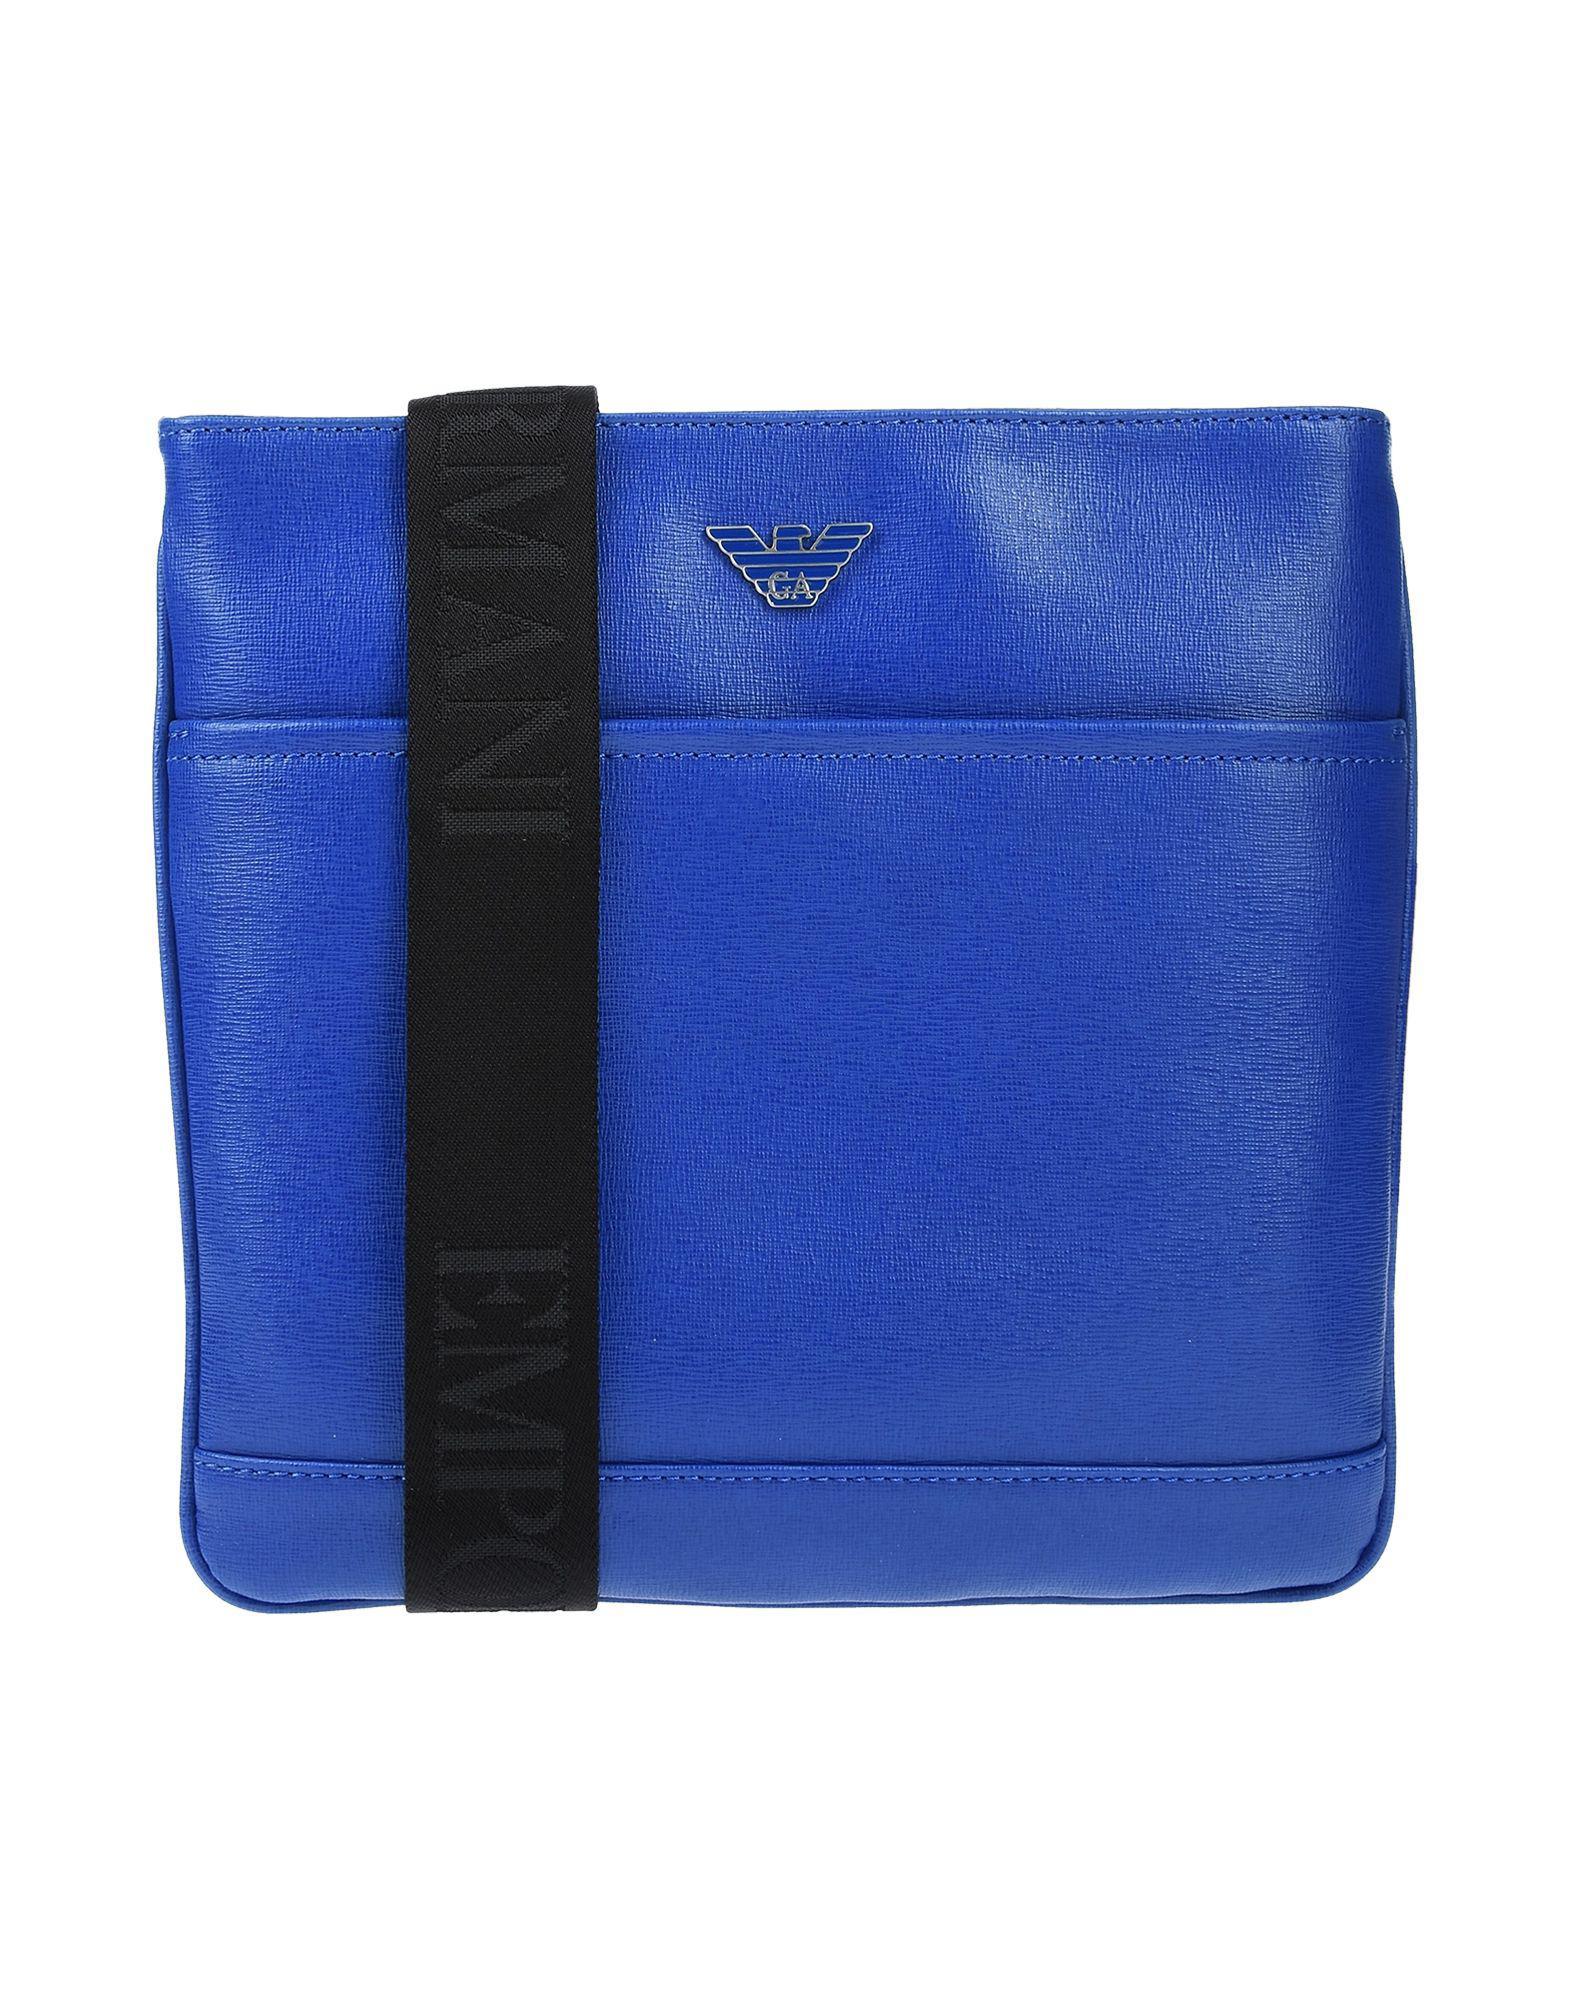 Emporio Armani Cross-body Bag in Blue for Men - Lyst 2c114fa359b63